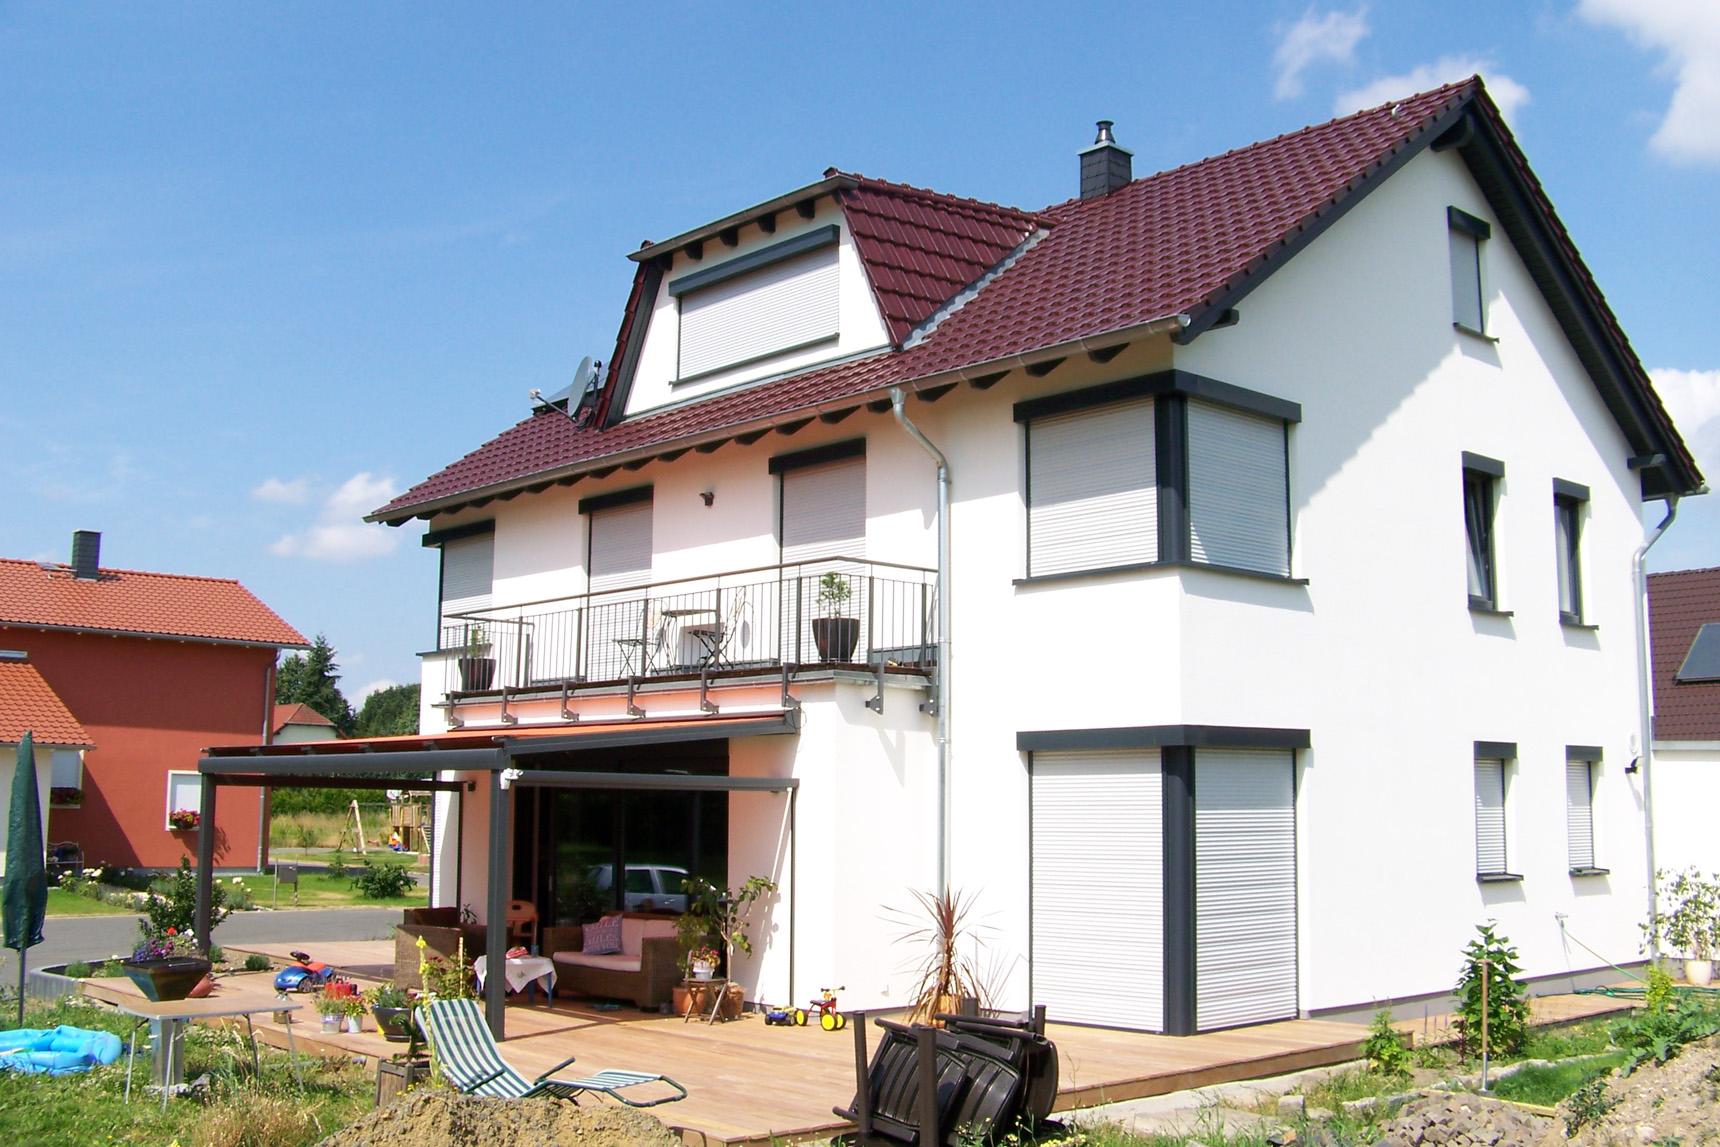 Referenz - Liebtertwolkwitz - AGL Massivhaus Projektbau GmbH